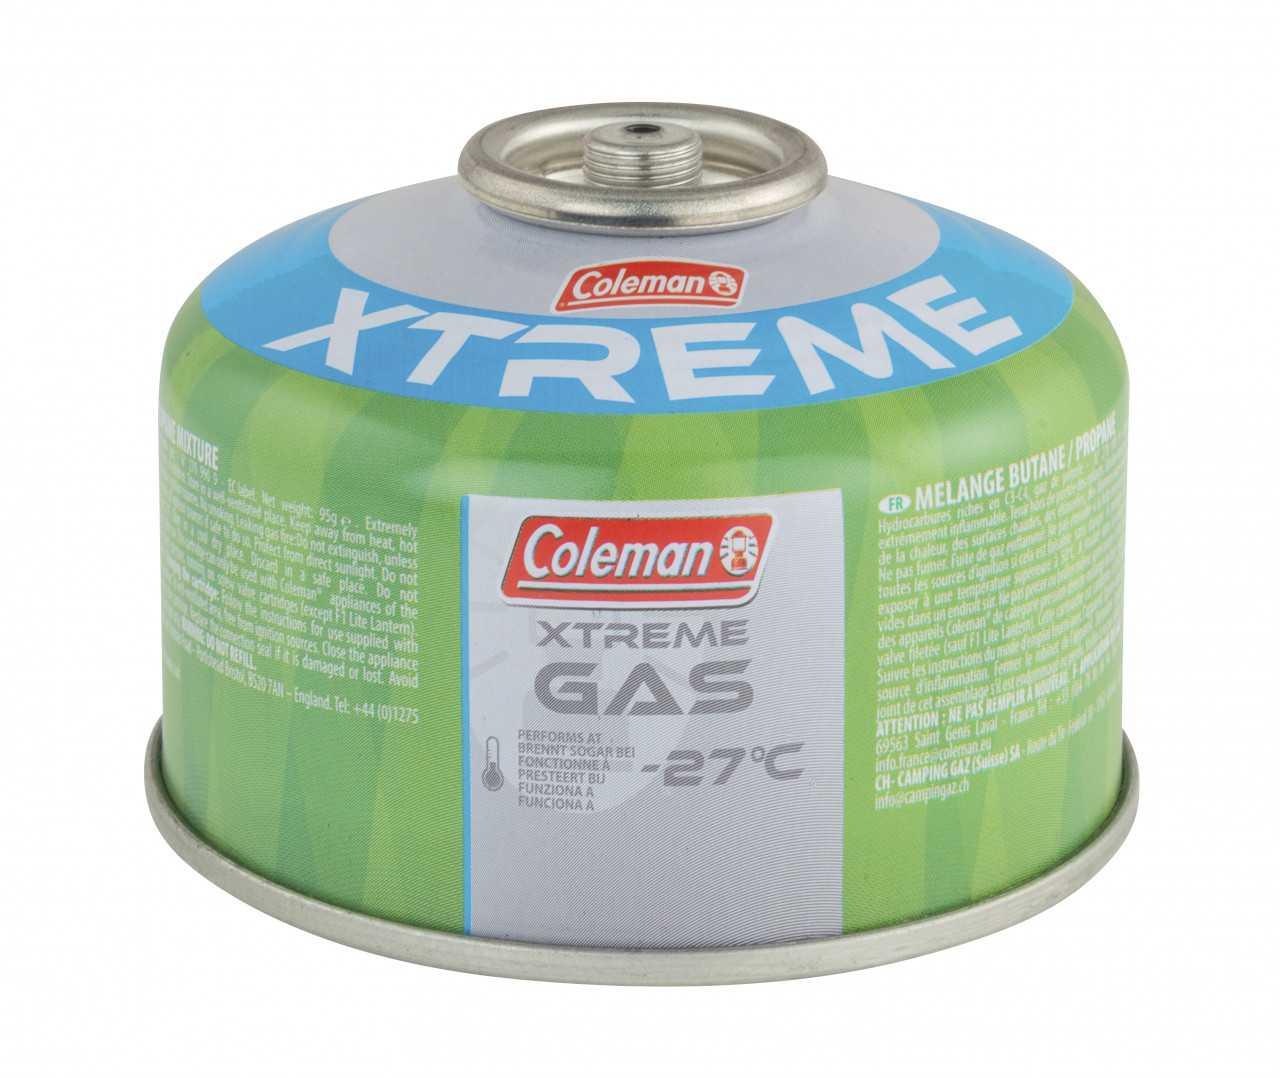 Coleman Ventilgaskartusche 'Xtreme' 'C100' 97 g | 3138522093440